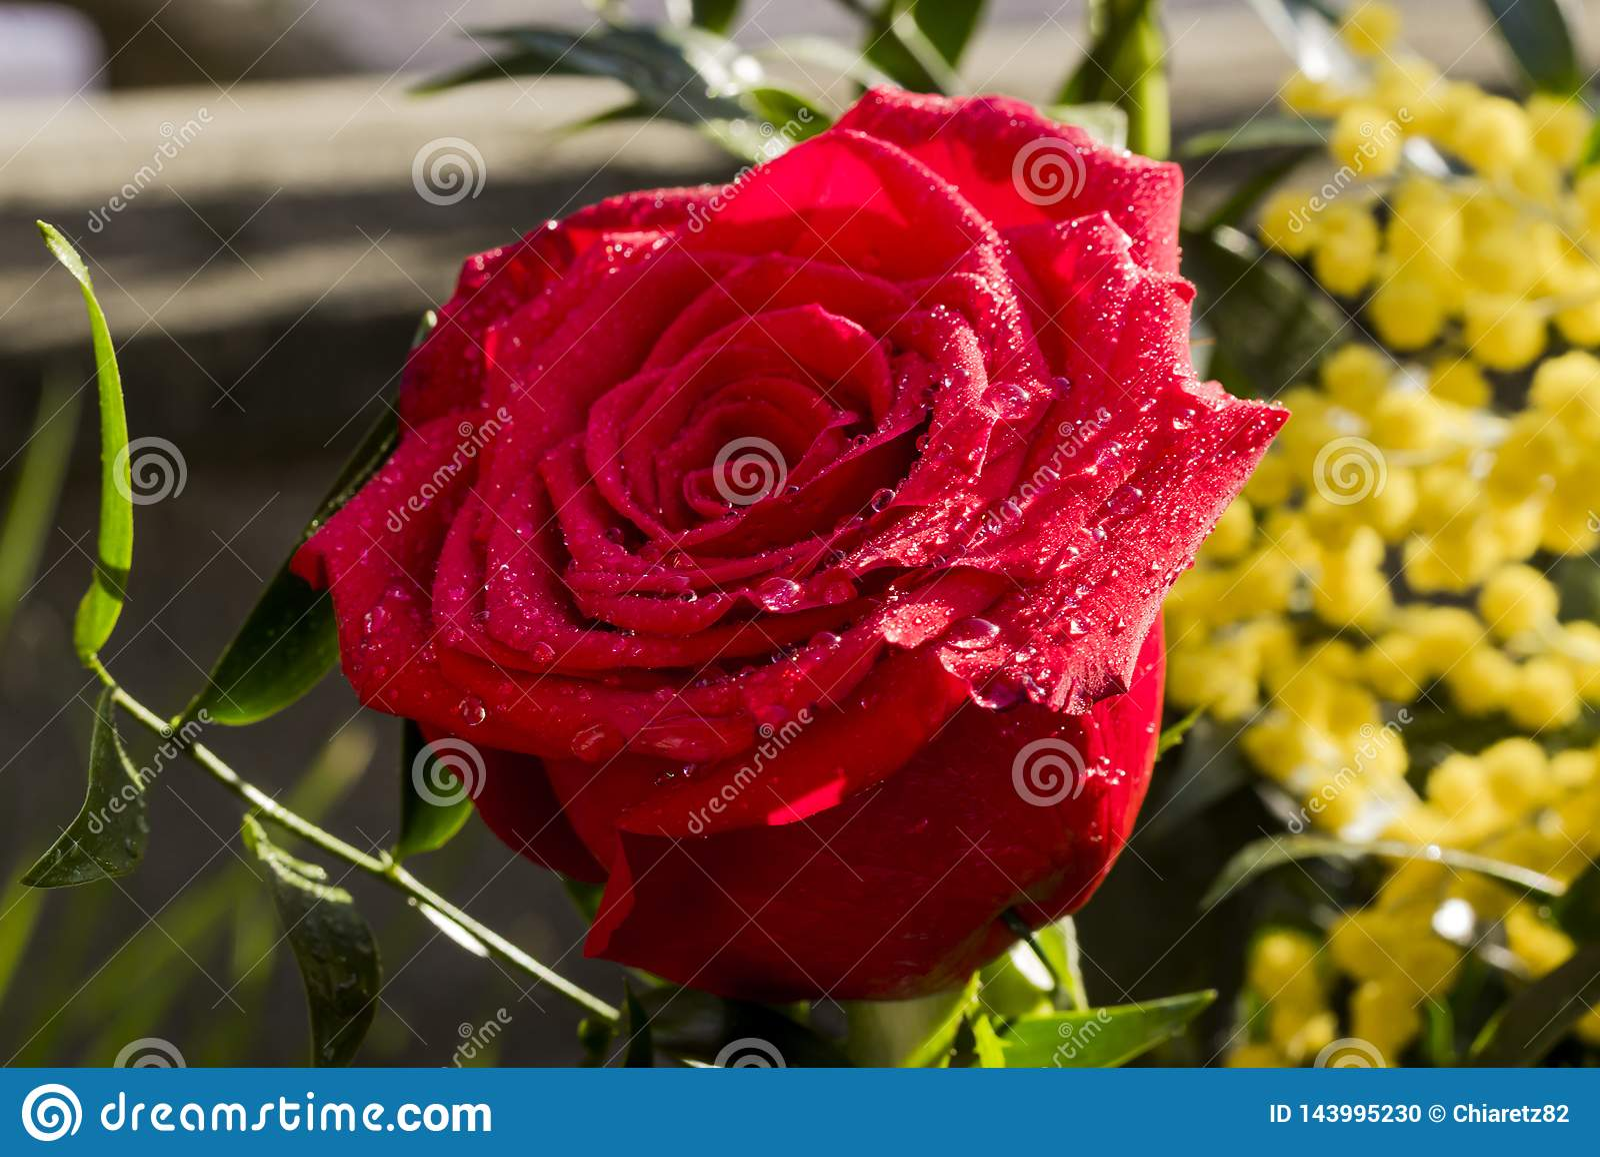 Rose rouge pour le jour des femmes